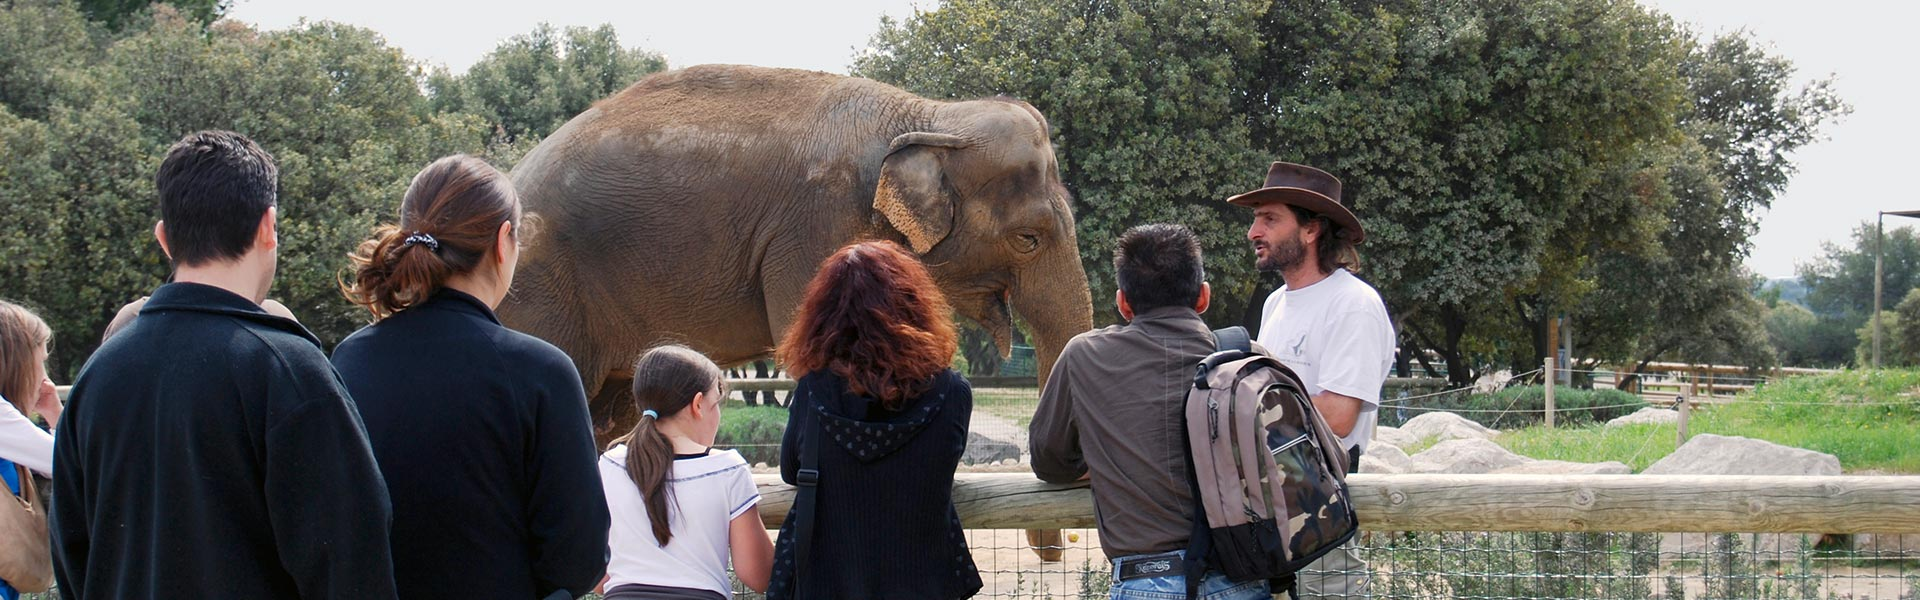 Visite guidée du zoo